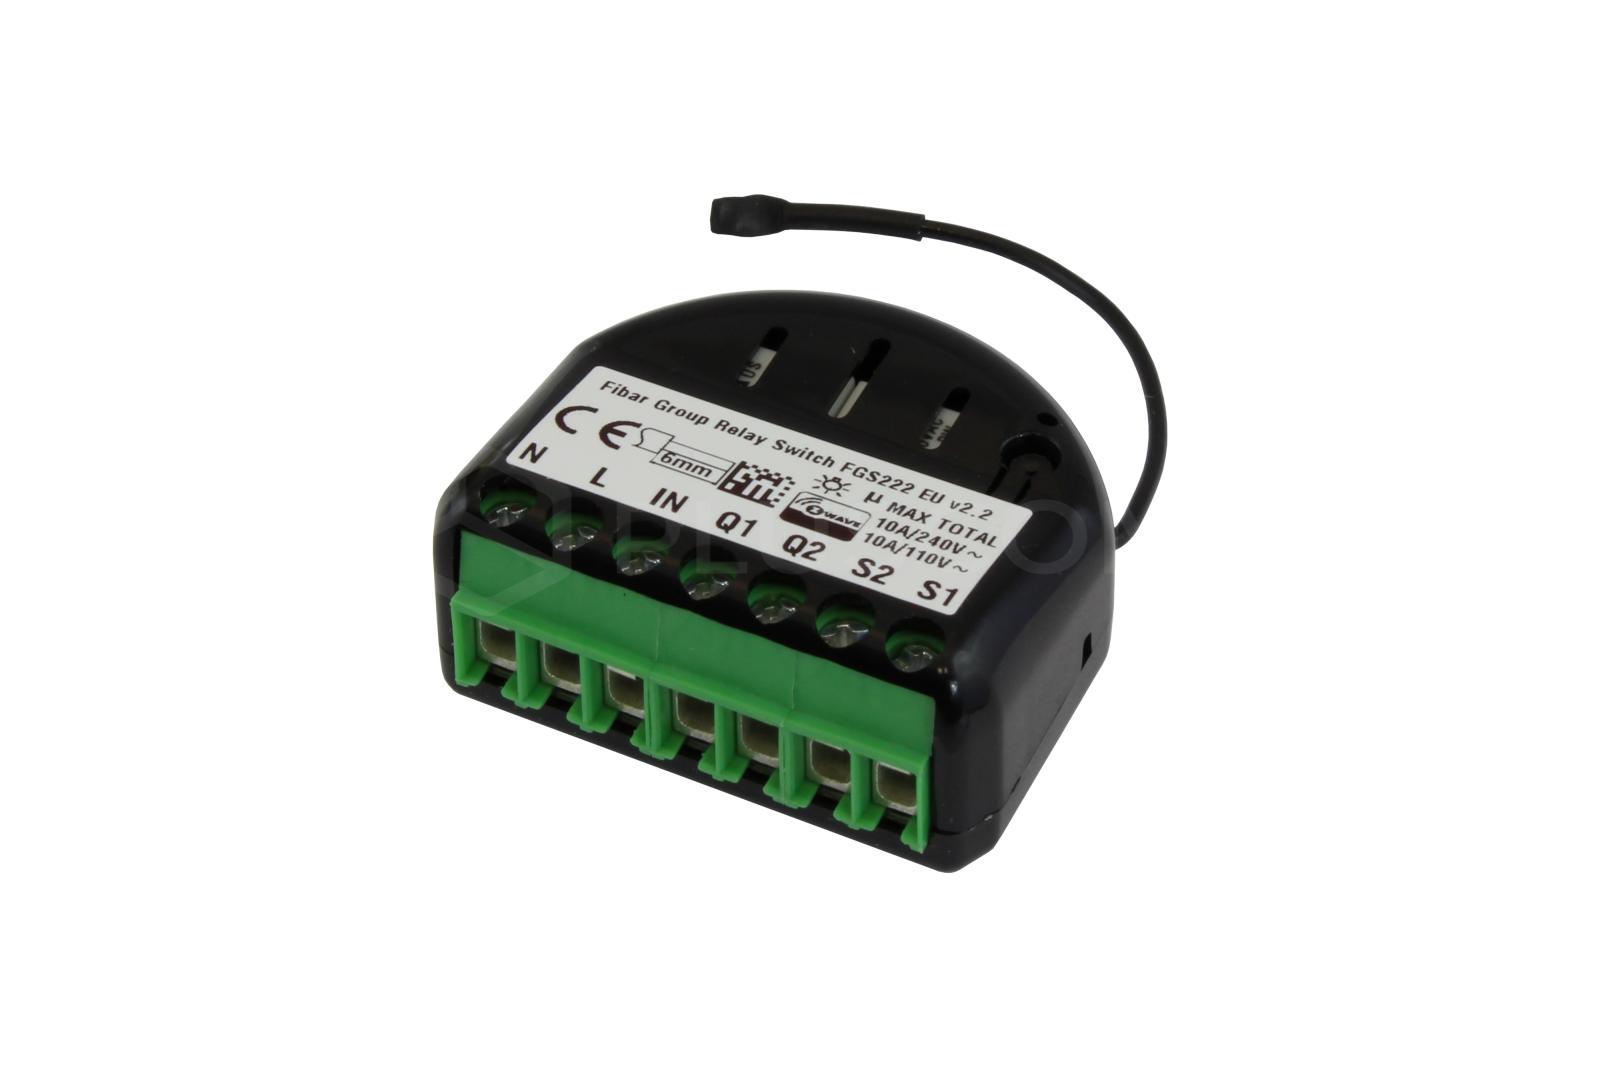 fibaro relay switch 2x1 5kw rh pluscom pl Relay Switch Symbol Relay Switch Wiring Diagram